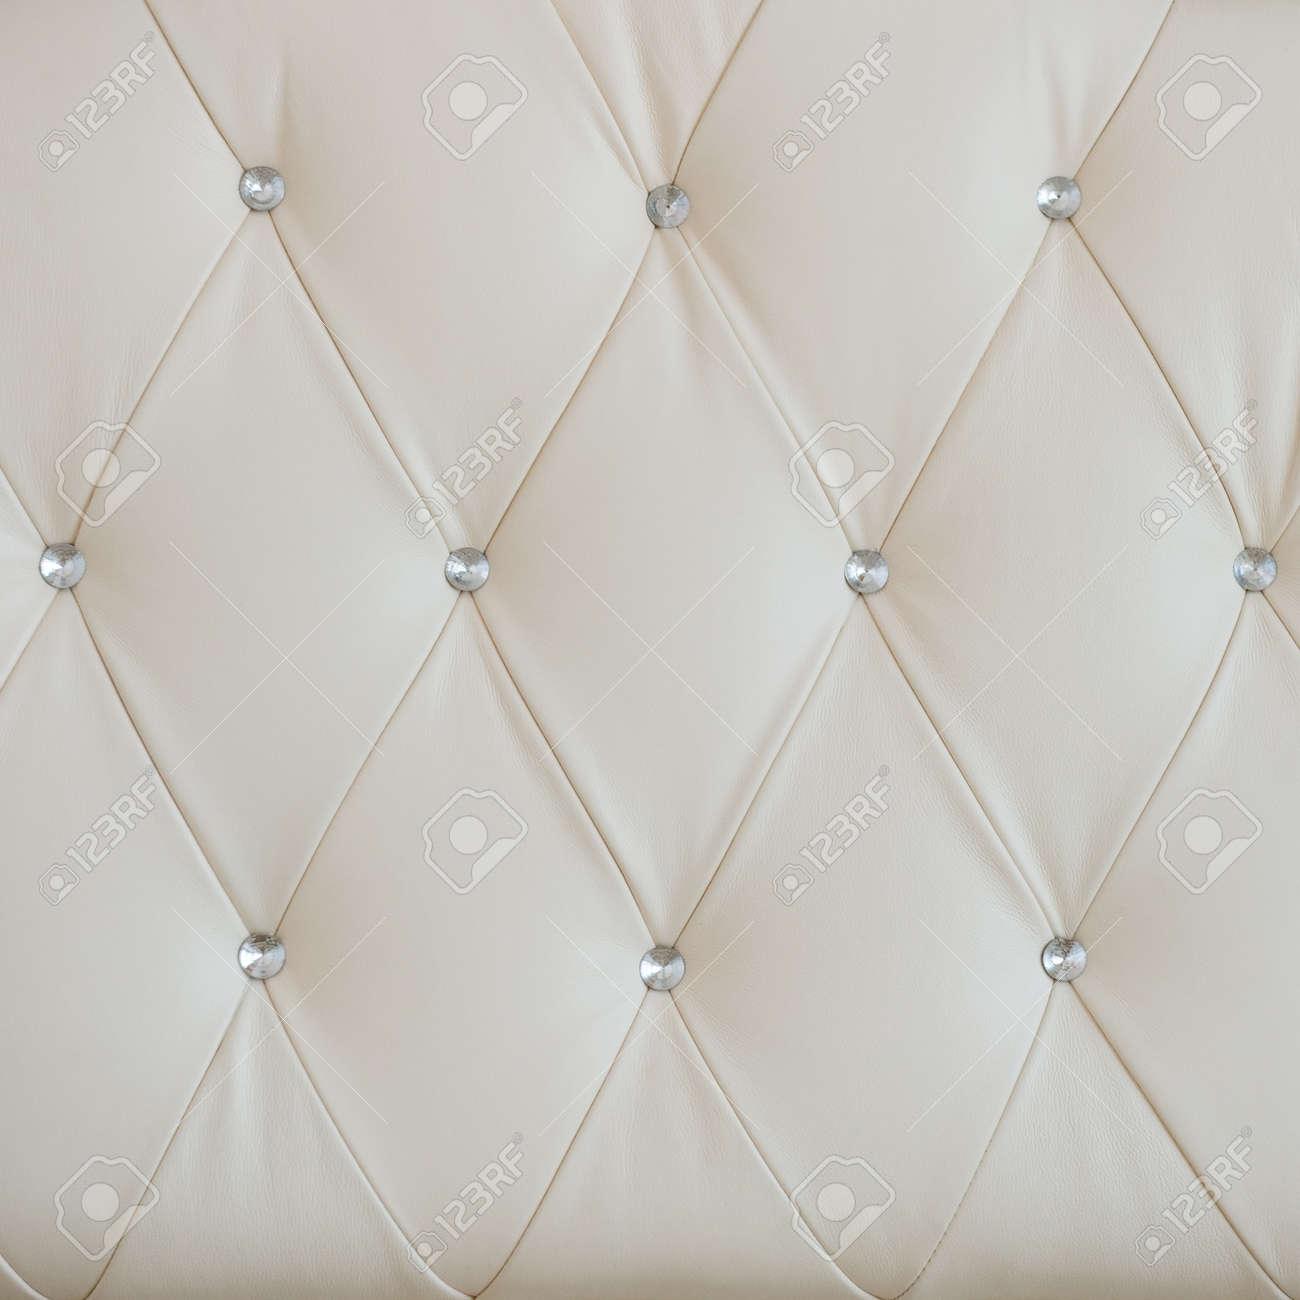 seamless mattress texture. Seamless White Leather Texture Or Background Stock Photo - 14174306 Mattress